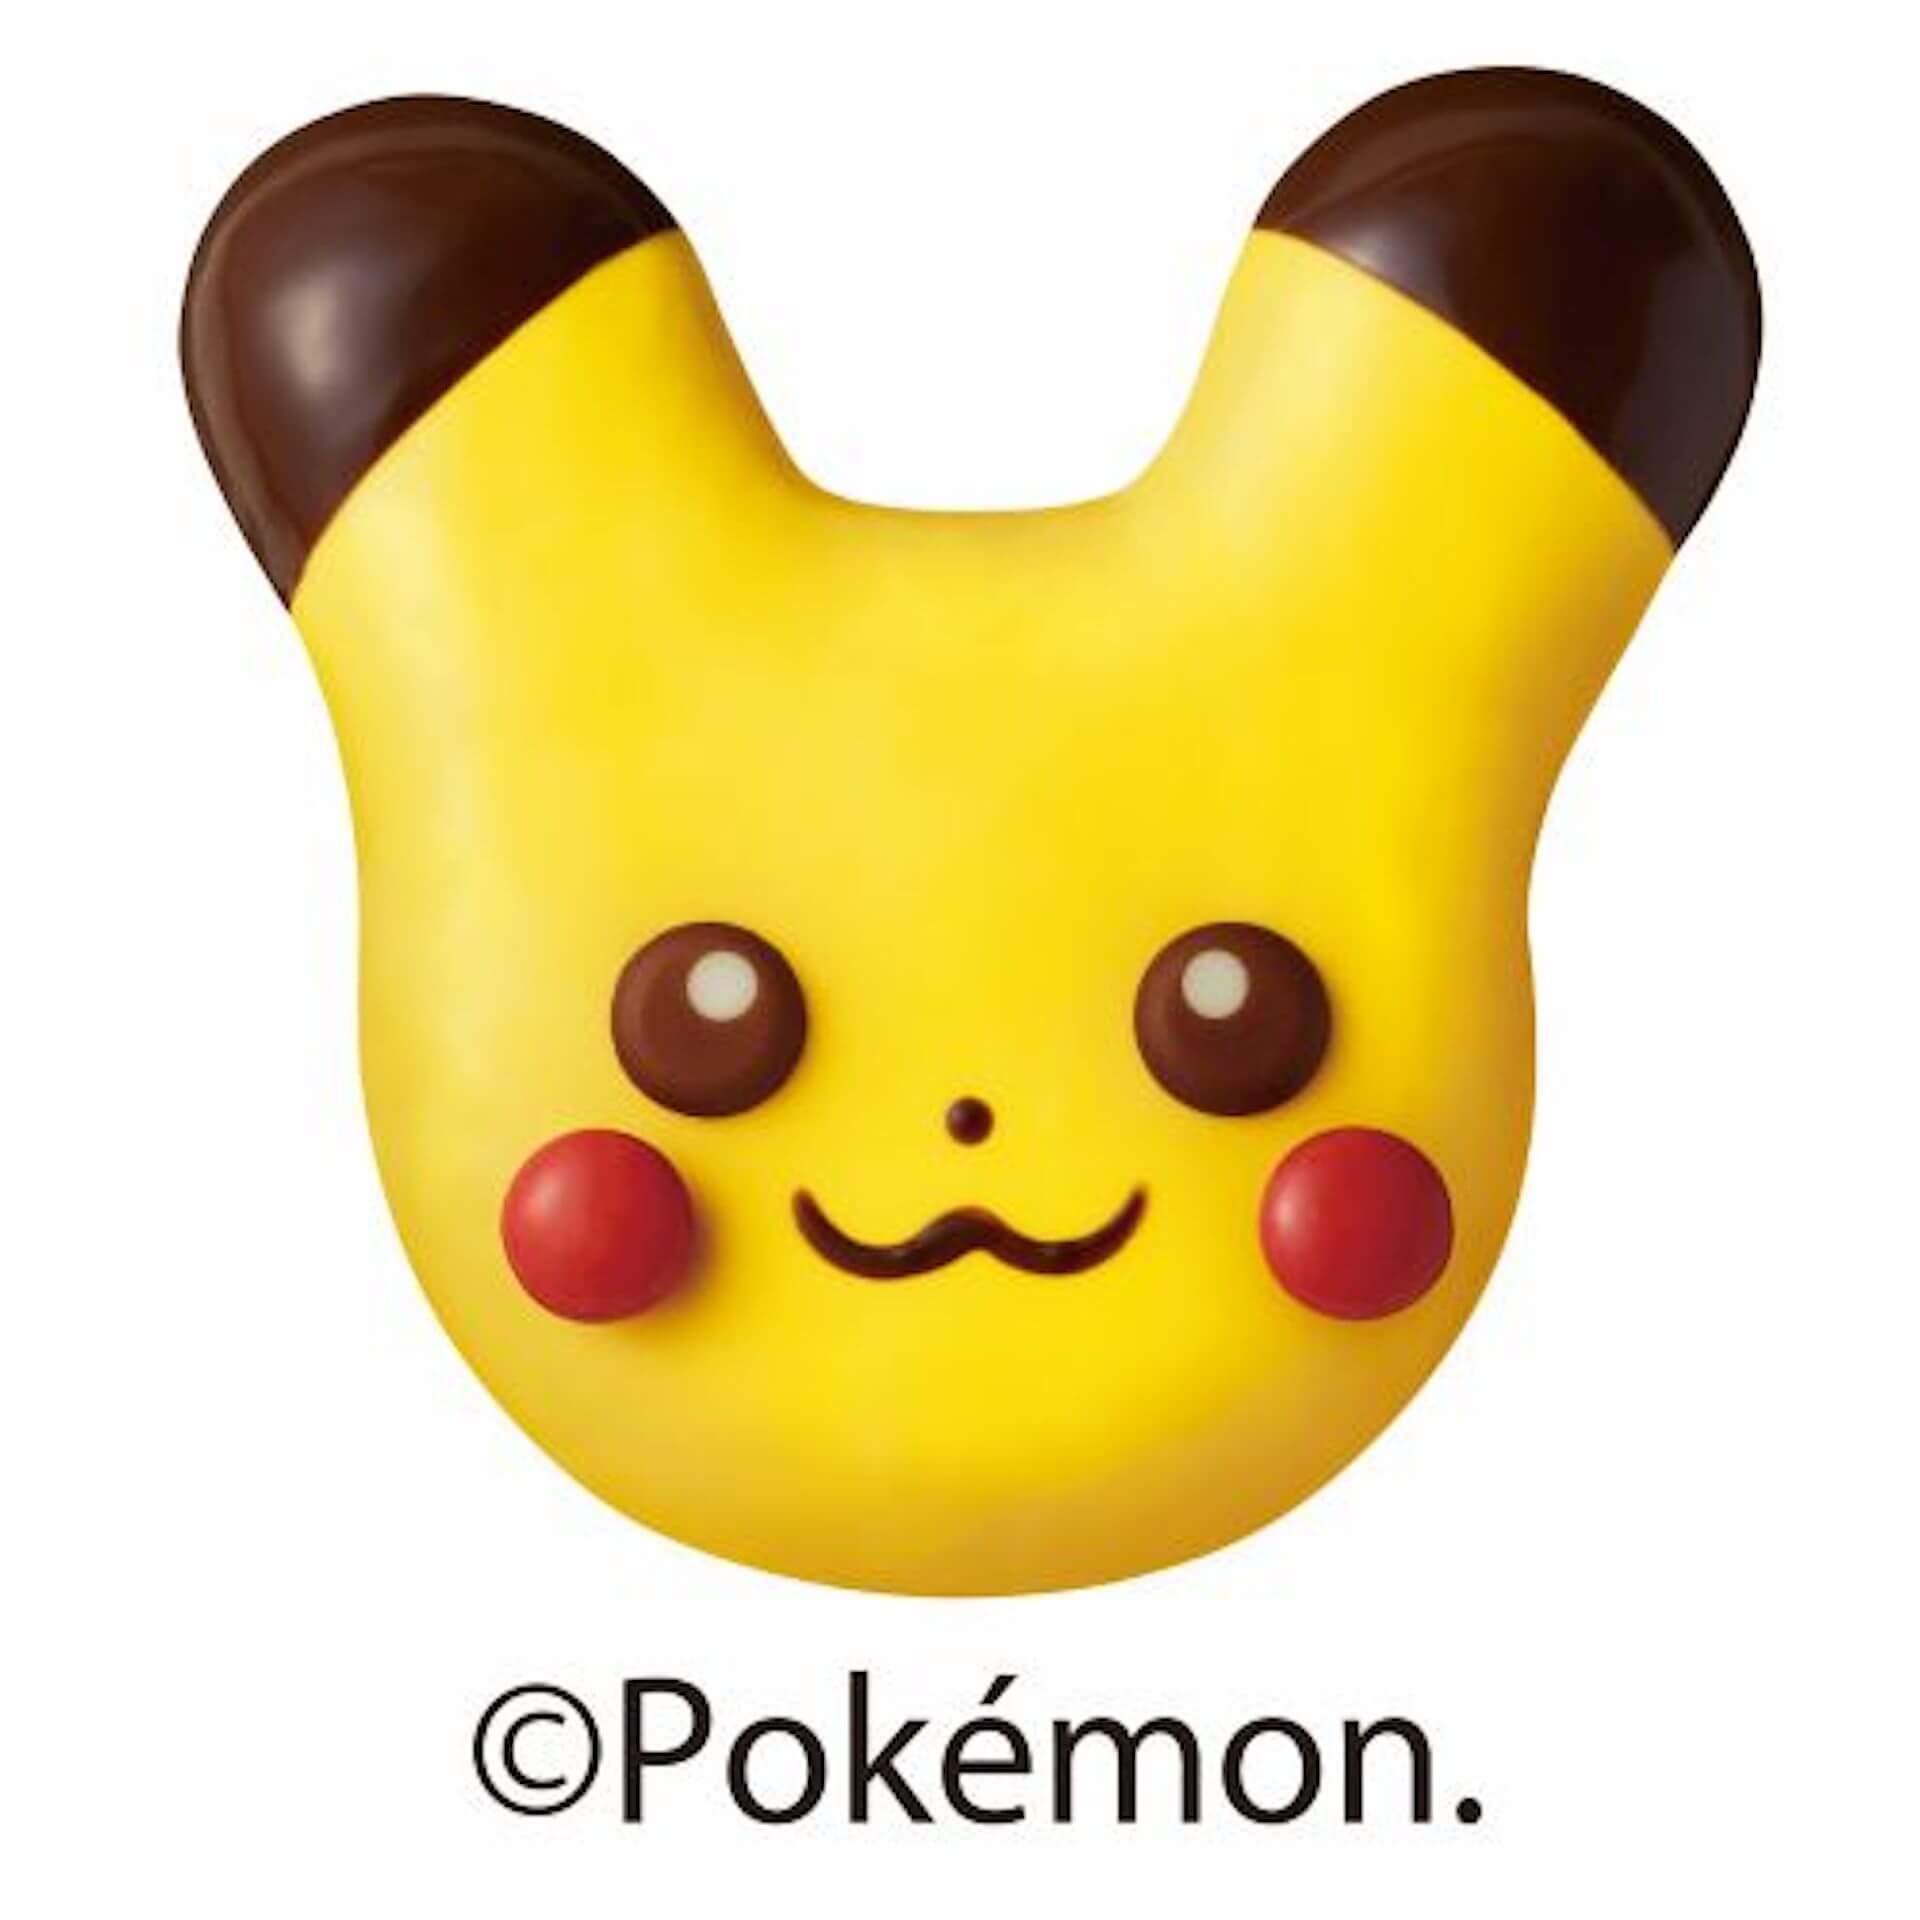 ピカチュウ&モンスターボールが今年もドーナツに!ミスタードーナツとポケットモンスターのコラボが再度実現 gourmet201029_misdo_pokemon_1